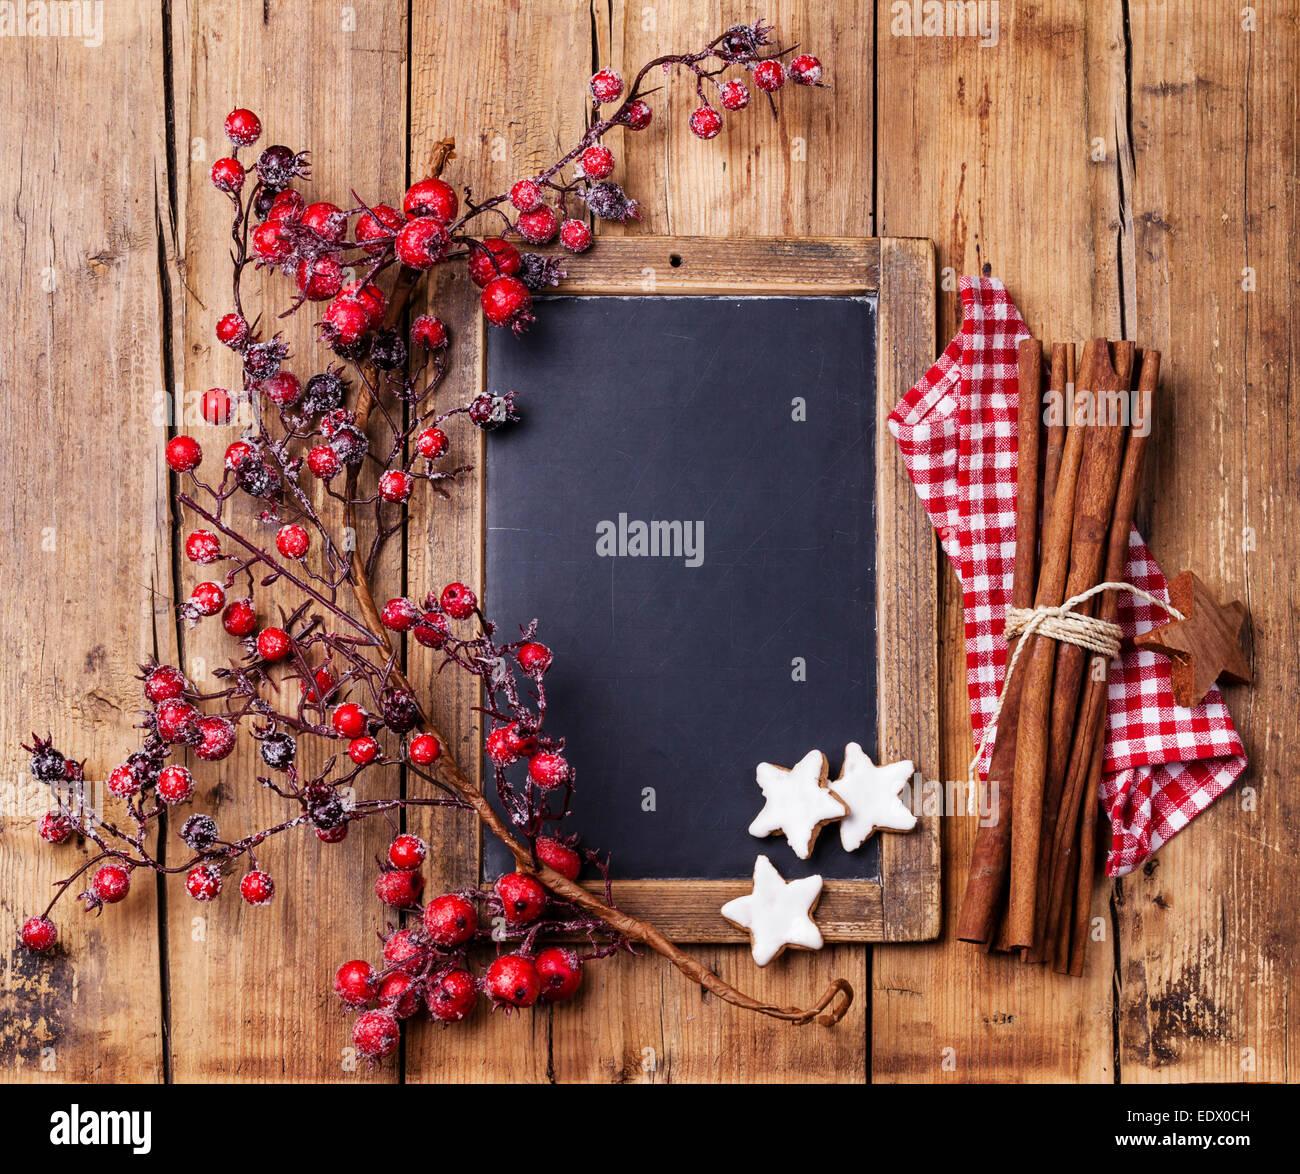 Vintage Weihnachten Hintergrund mit Kreide an Bord, Zweig mit roten Beeren, Weihnachten Plätzchen und Zimtstangen Stockbild